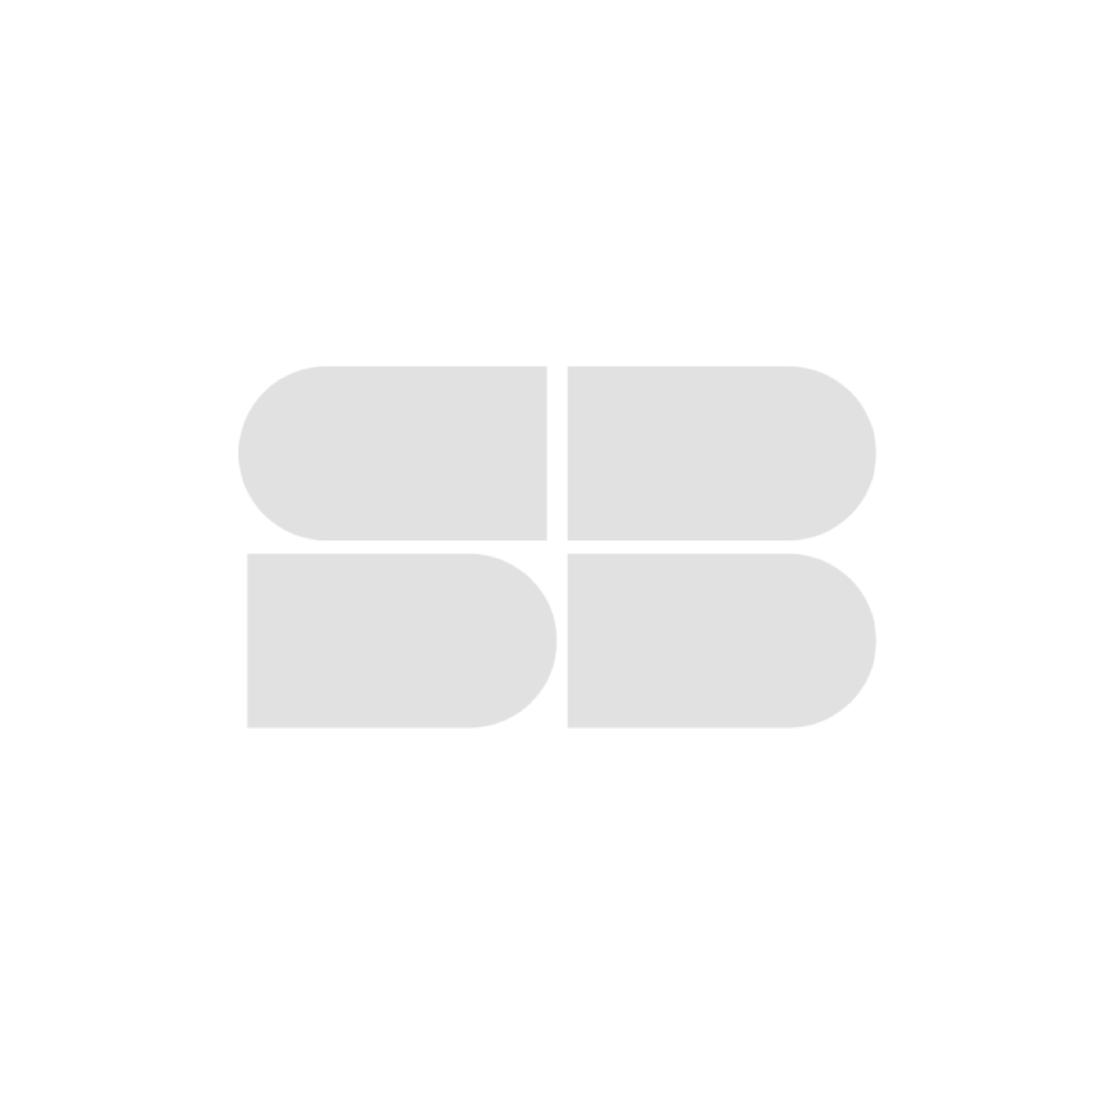 โต๊ะกลาง โต๊ะกลางขาเหล็กท๊อปเซรามิค สีสีขาว-SB Design Square